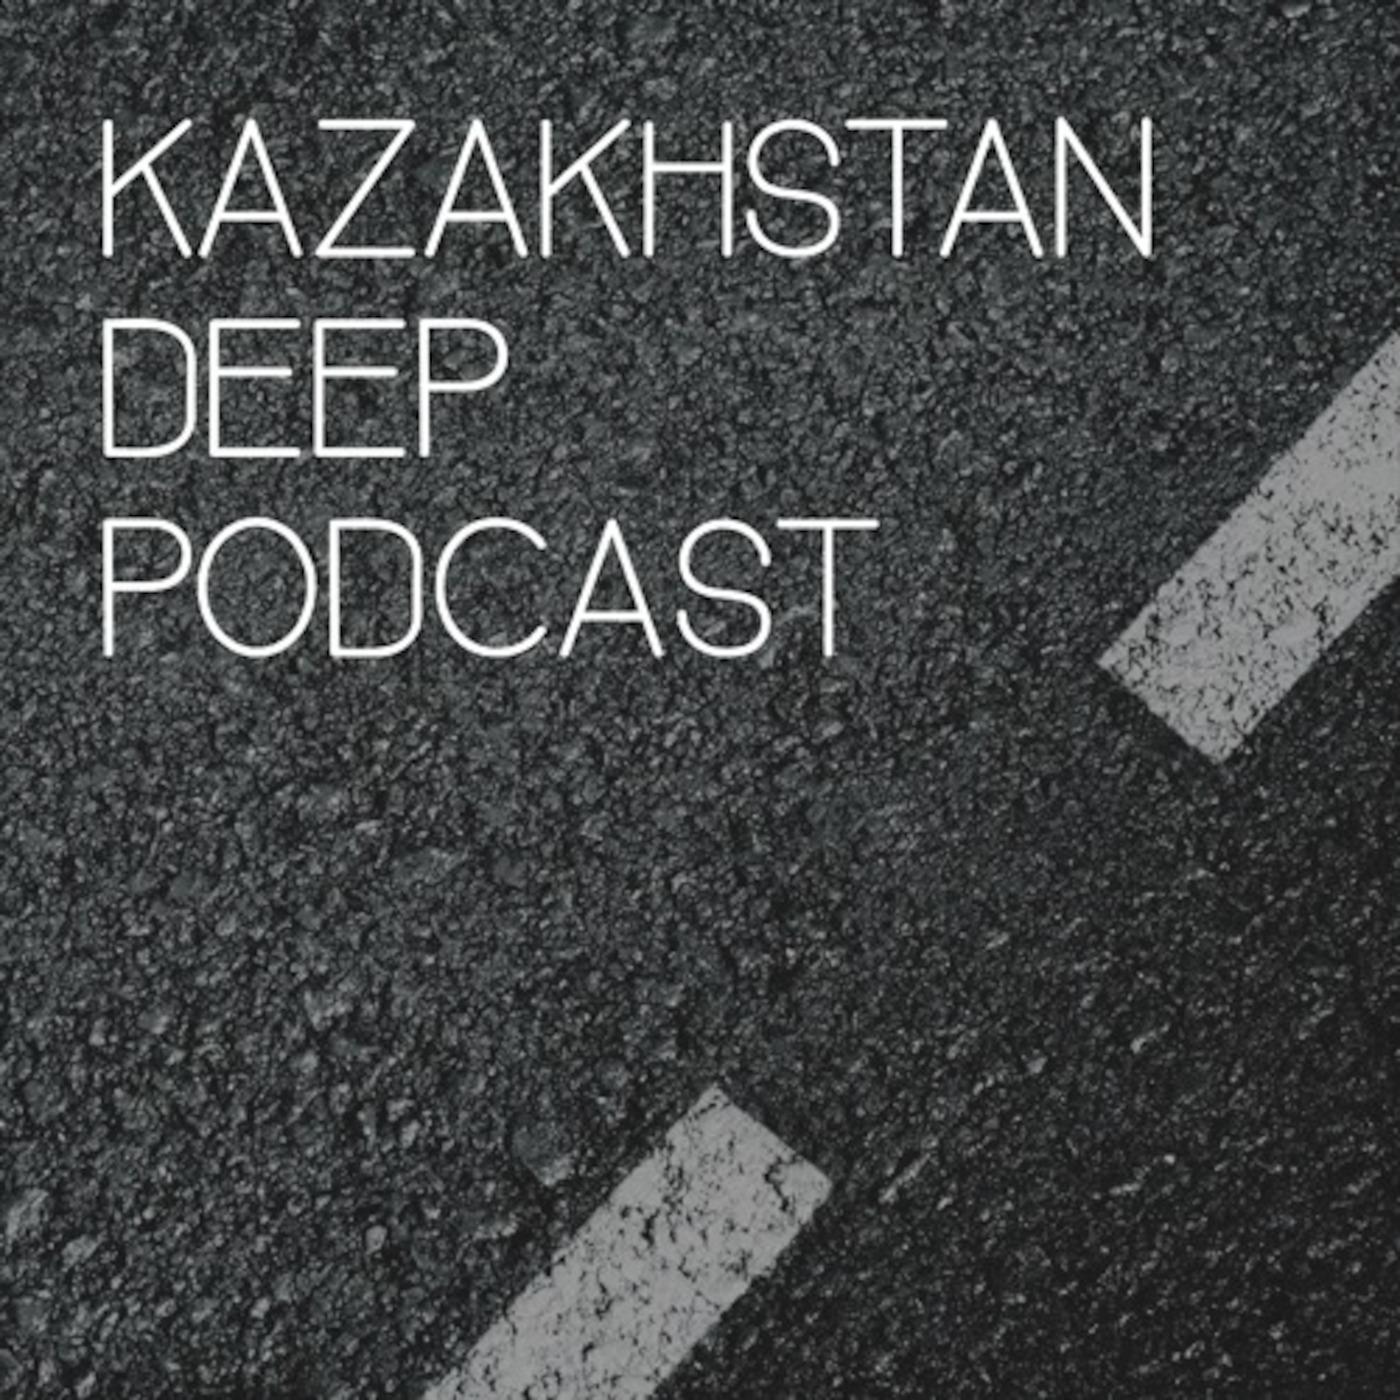 Kazakhstan Deep Podcast